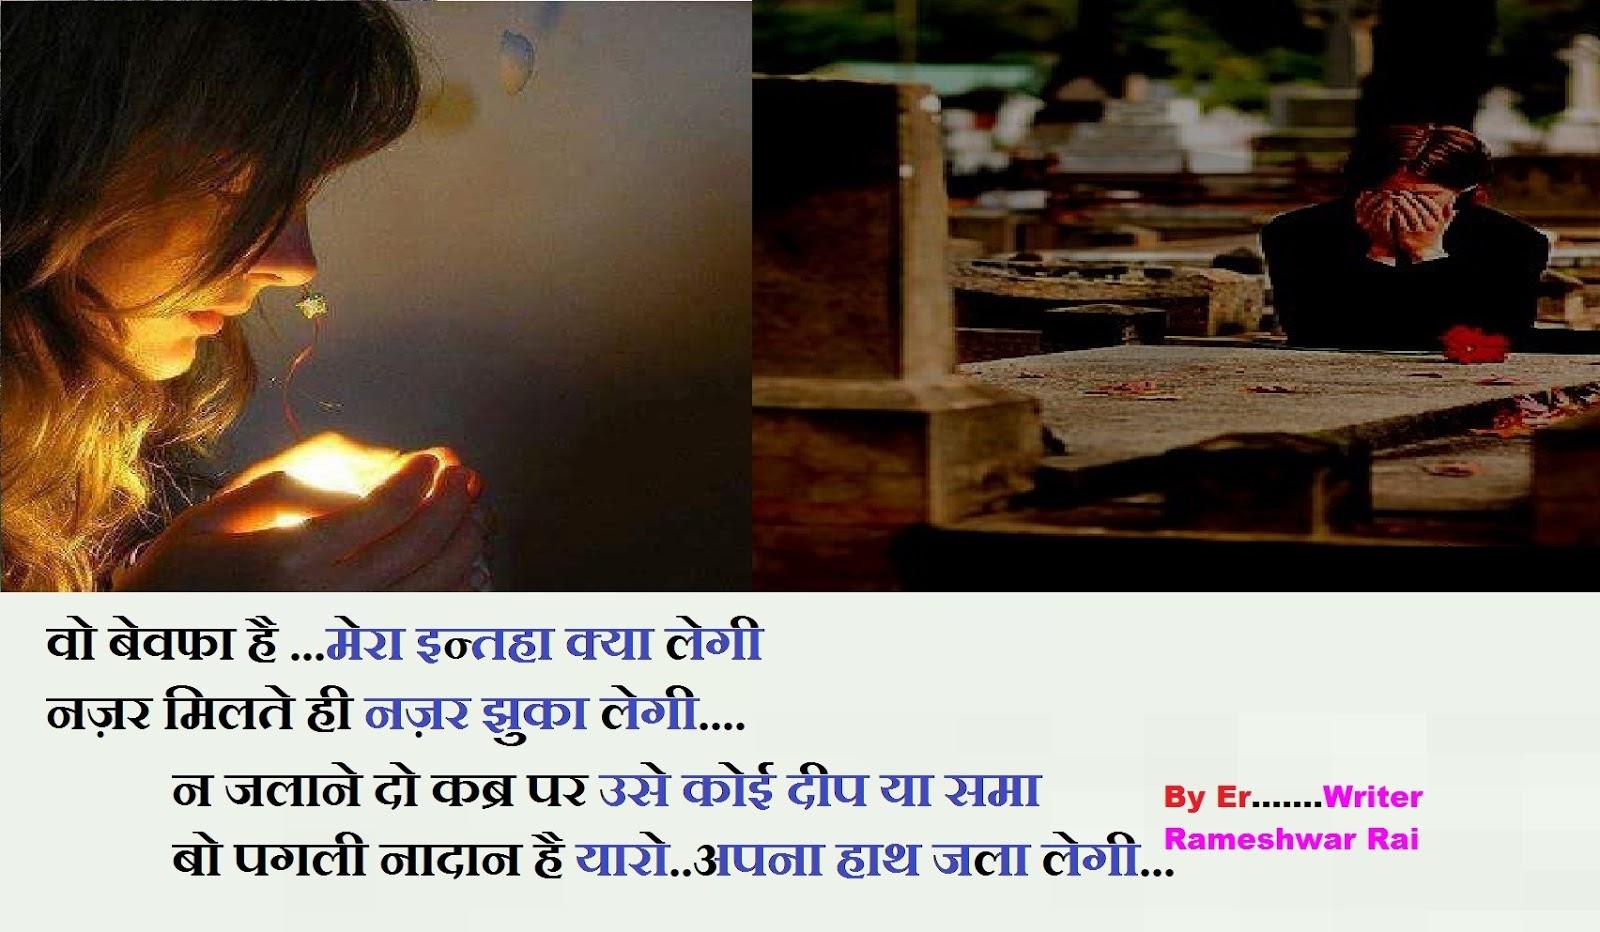 sad shayari boy and girl, sad love shayari in hindi for boyfriend, sad love shayari in hindi for girlfriend, very sad shayari on life, sad shayari in hindi for life, very sad shayari, वो बेवफा है-मेरा इन्तहा क्या लेगी नज़र मिलते ही नज़र झुका लेगी-न जलाने दो कब्र पर उसे कोई दीप या समा बो पगली नादान है यारो-अपना हाथ जला लेगी